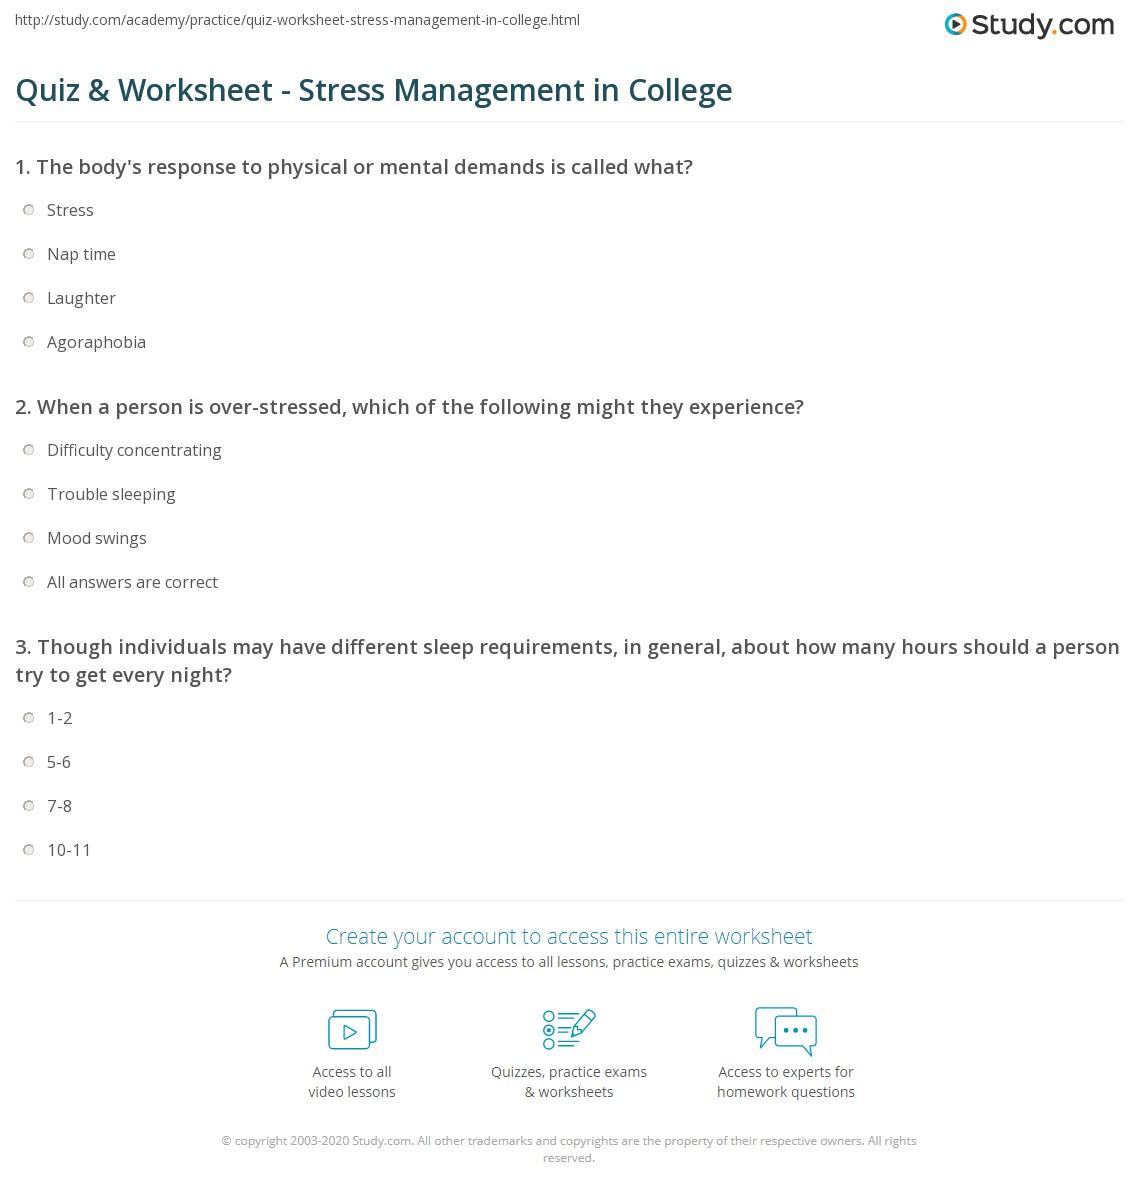 Quiz Worksheet Stress Management In College Study